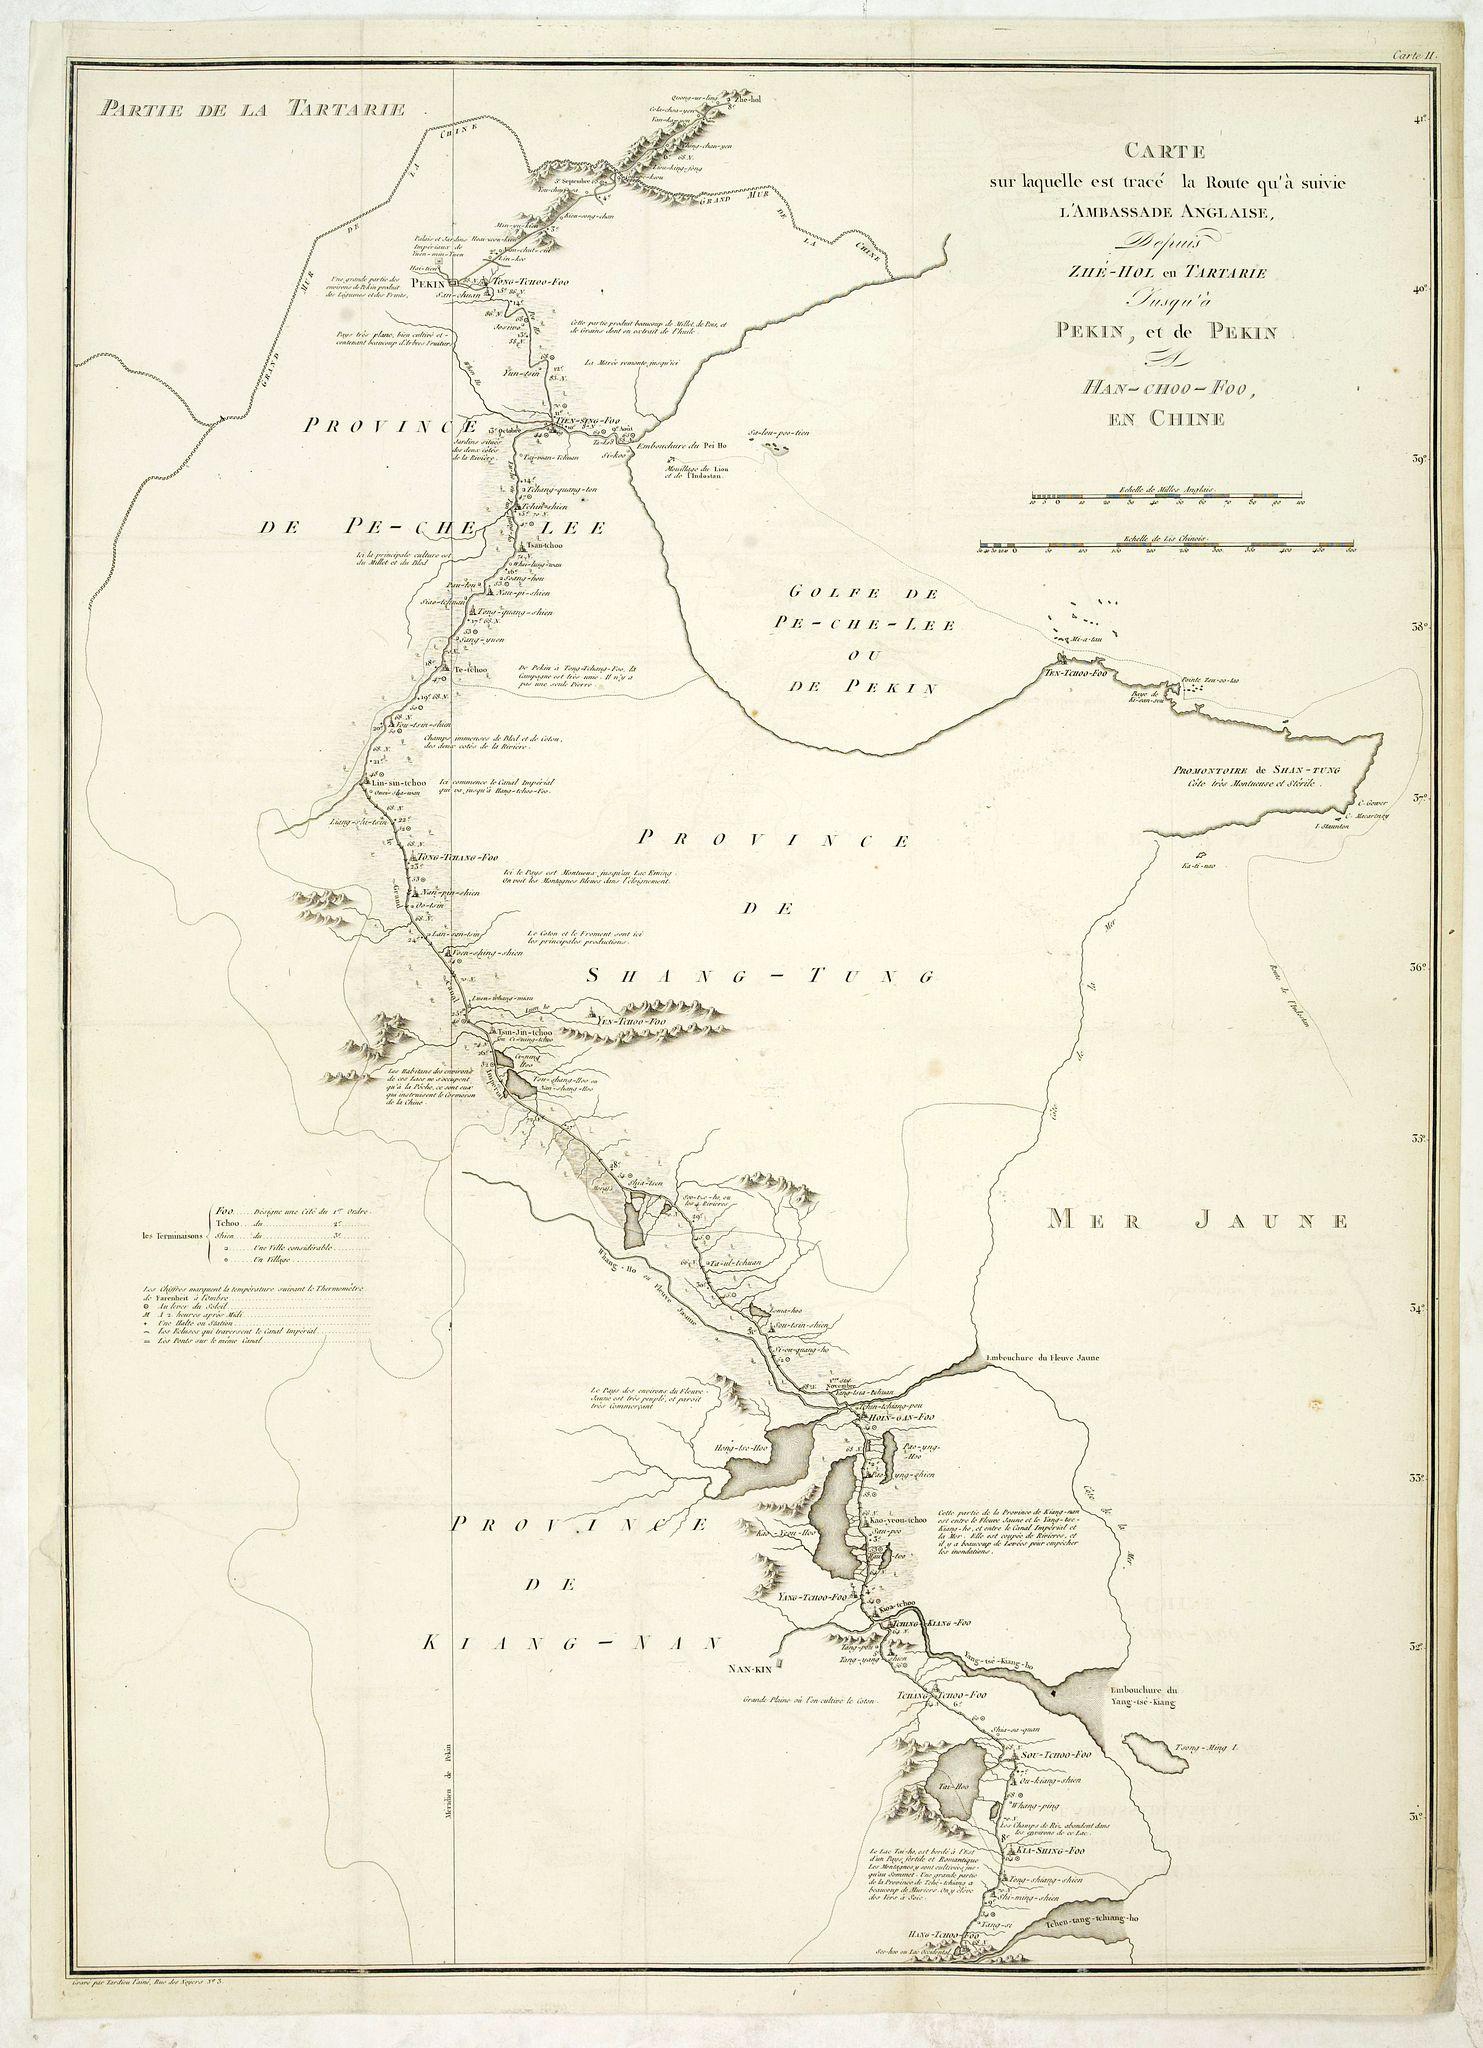 TARDIEU, J.B.P. / STAUNTON, G.L. -  Carte sur laquelle est tracé la route qu